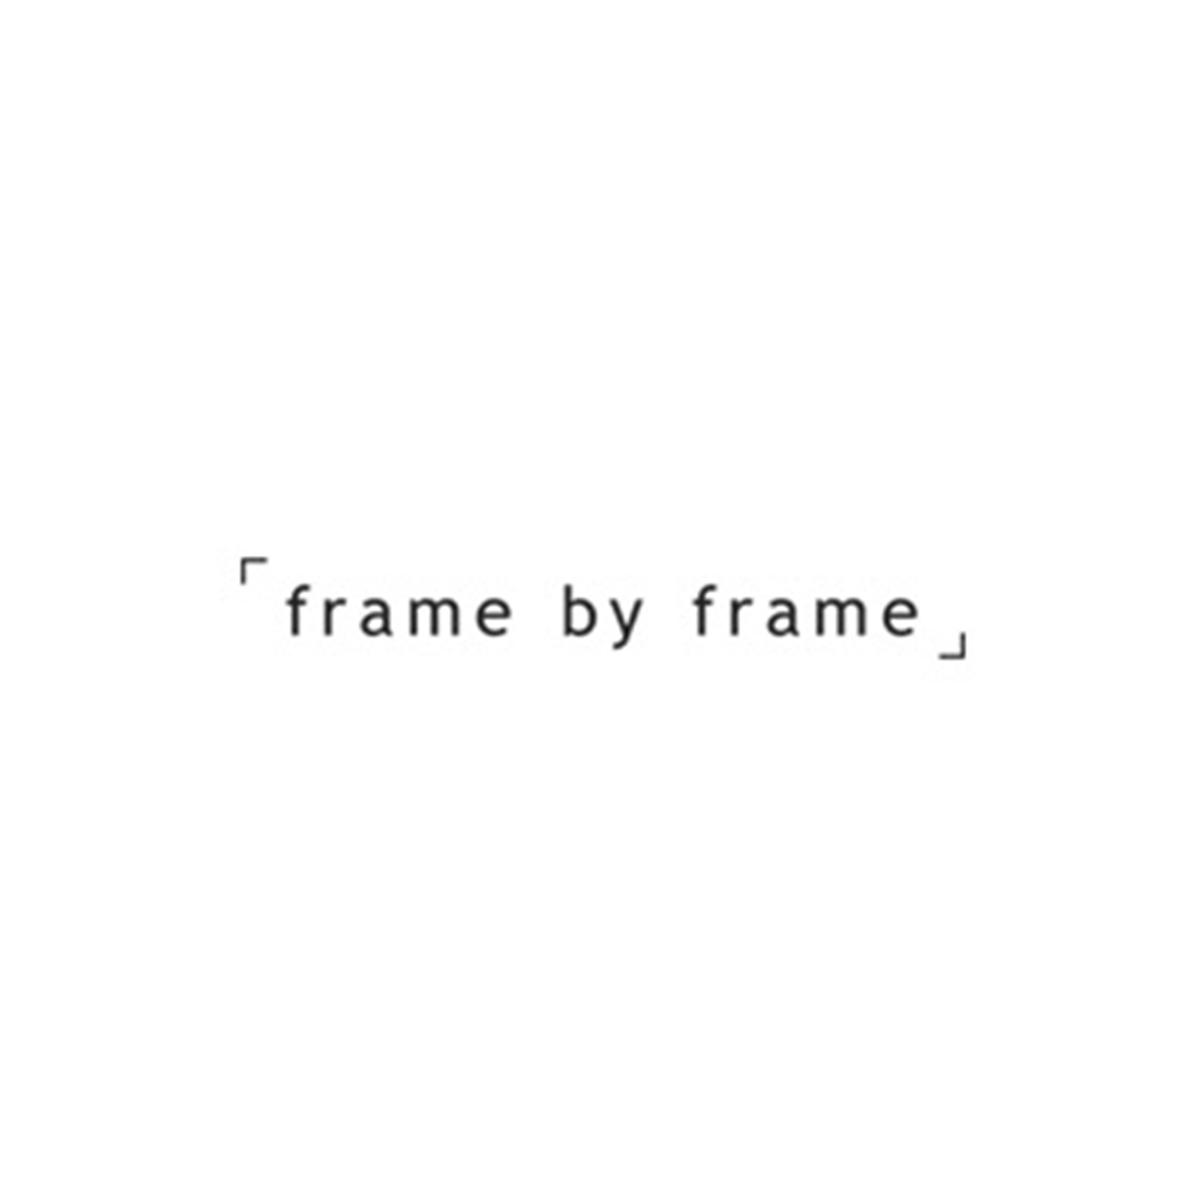 fbf.jpg